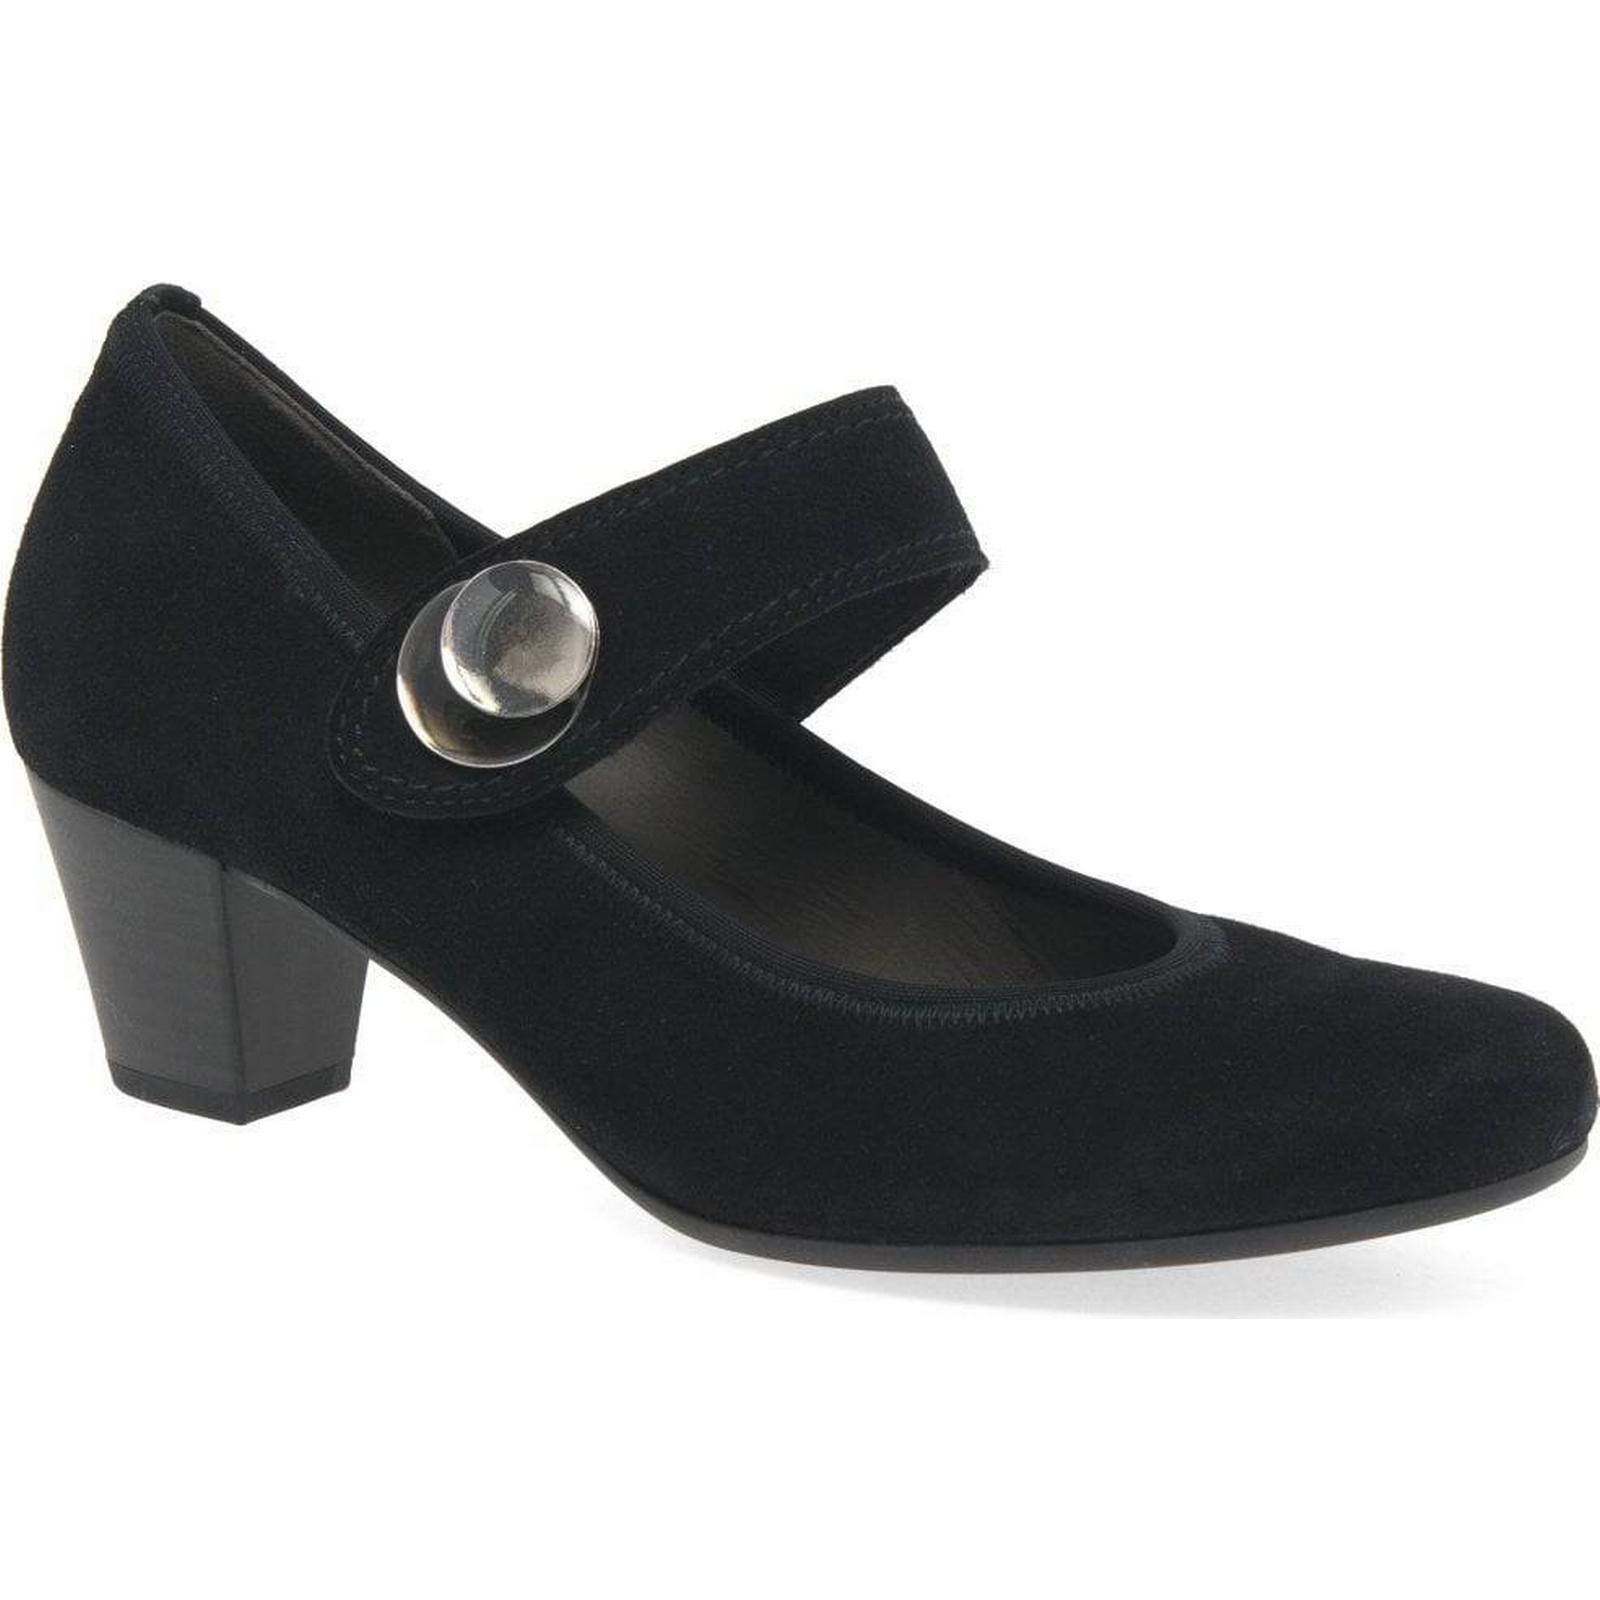 Gabor Colour: Nola Womens Suede Mary Jane Shoes Colour: Gabor Black Suede, Size: 5.5 4647bd